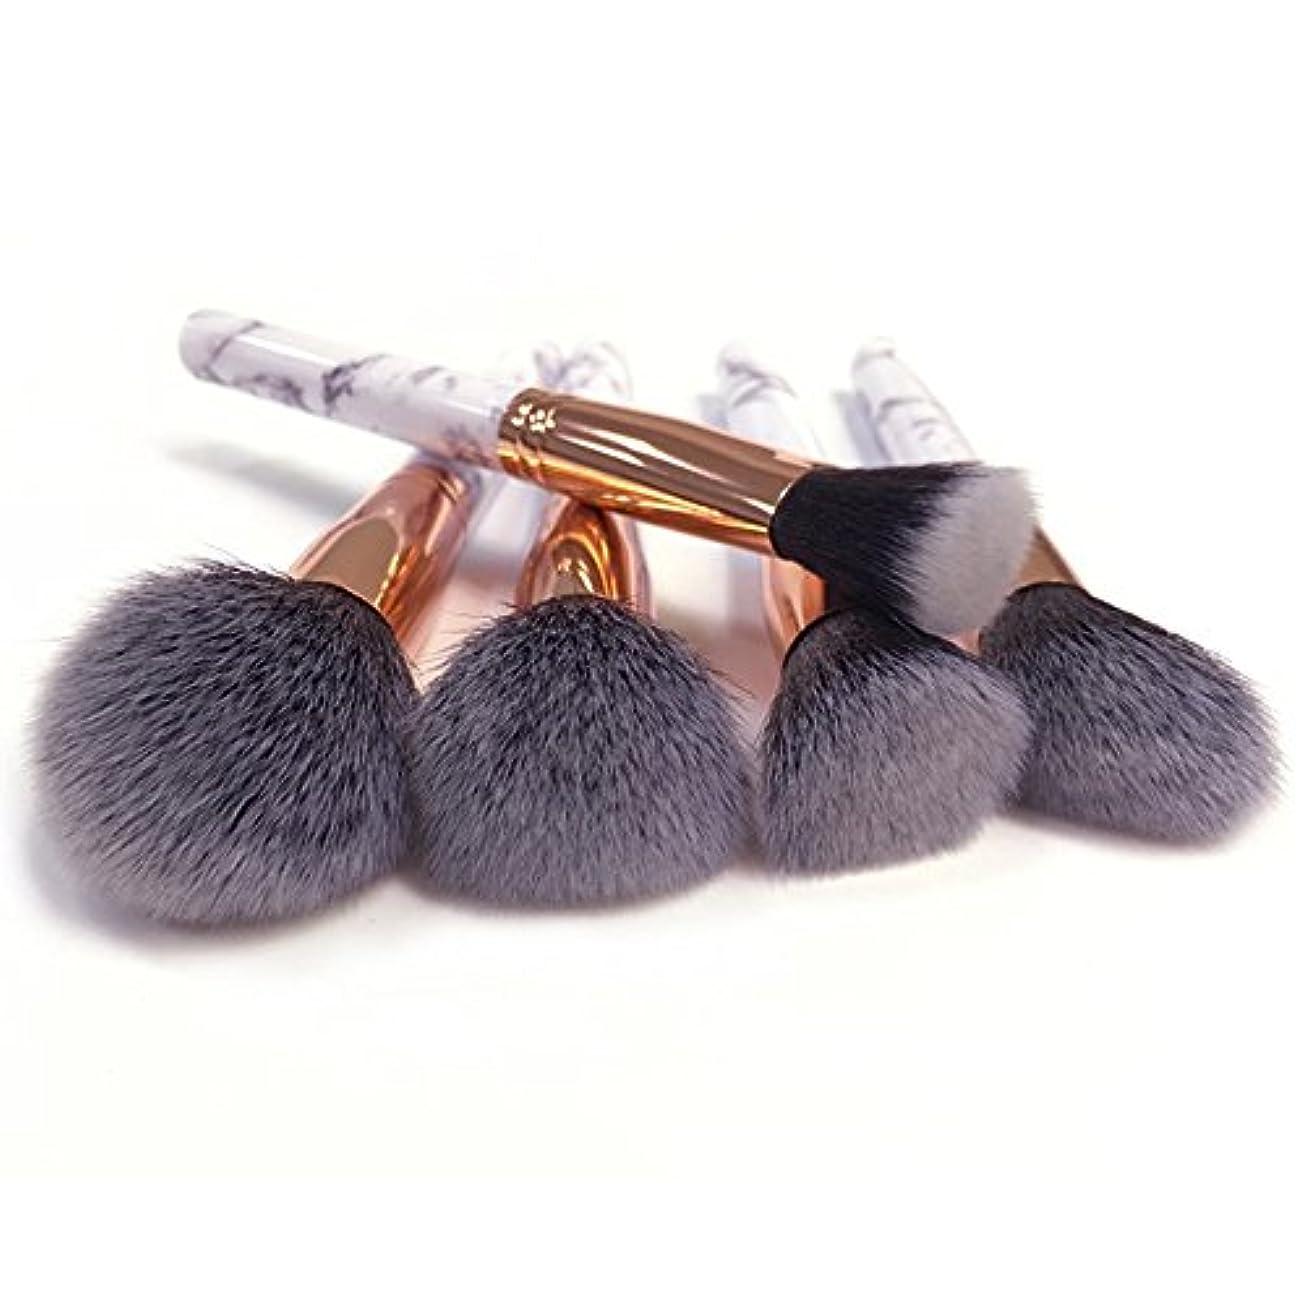 ディスパッチモロニック価値のないAkane 10本 大理石紋 超気質的 セート 多機能 柔らかい たっぷり 高級 優雅 綺麗 魅力 上等な使用感 激安 日常 仕事 おしゃれ Makeup Brush メイクアップブラシ